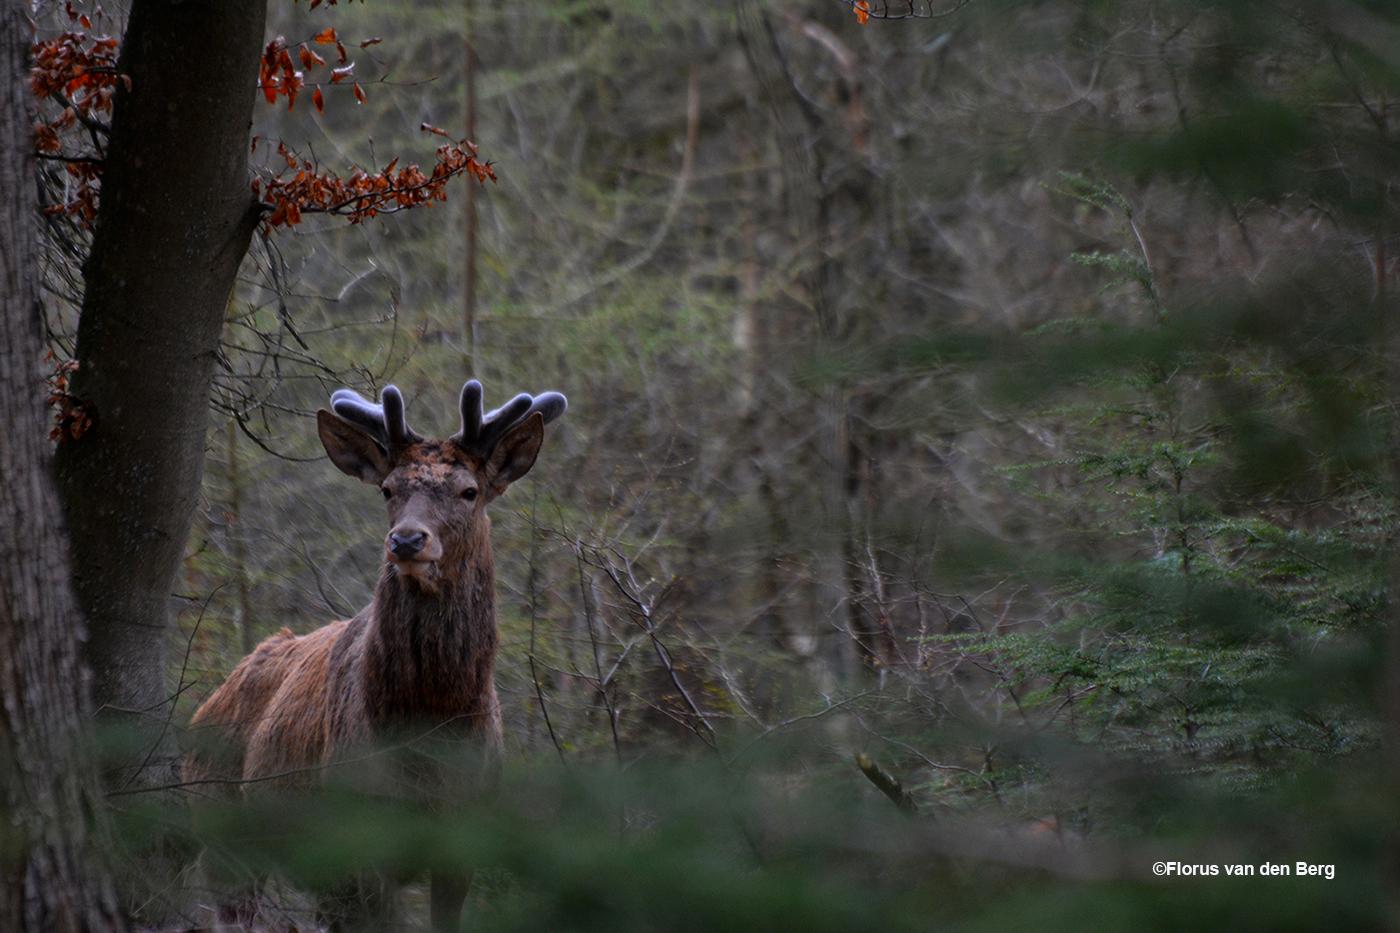 Plotseling zagen we Lambertus in de bosrand staan - Foto: ©Florus van den Berg